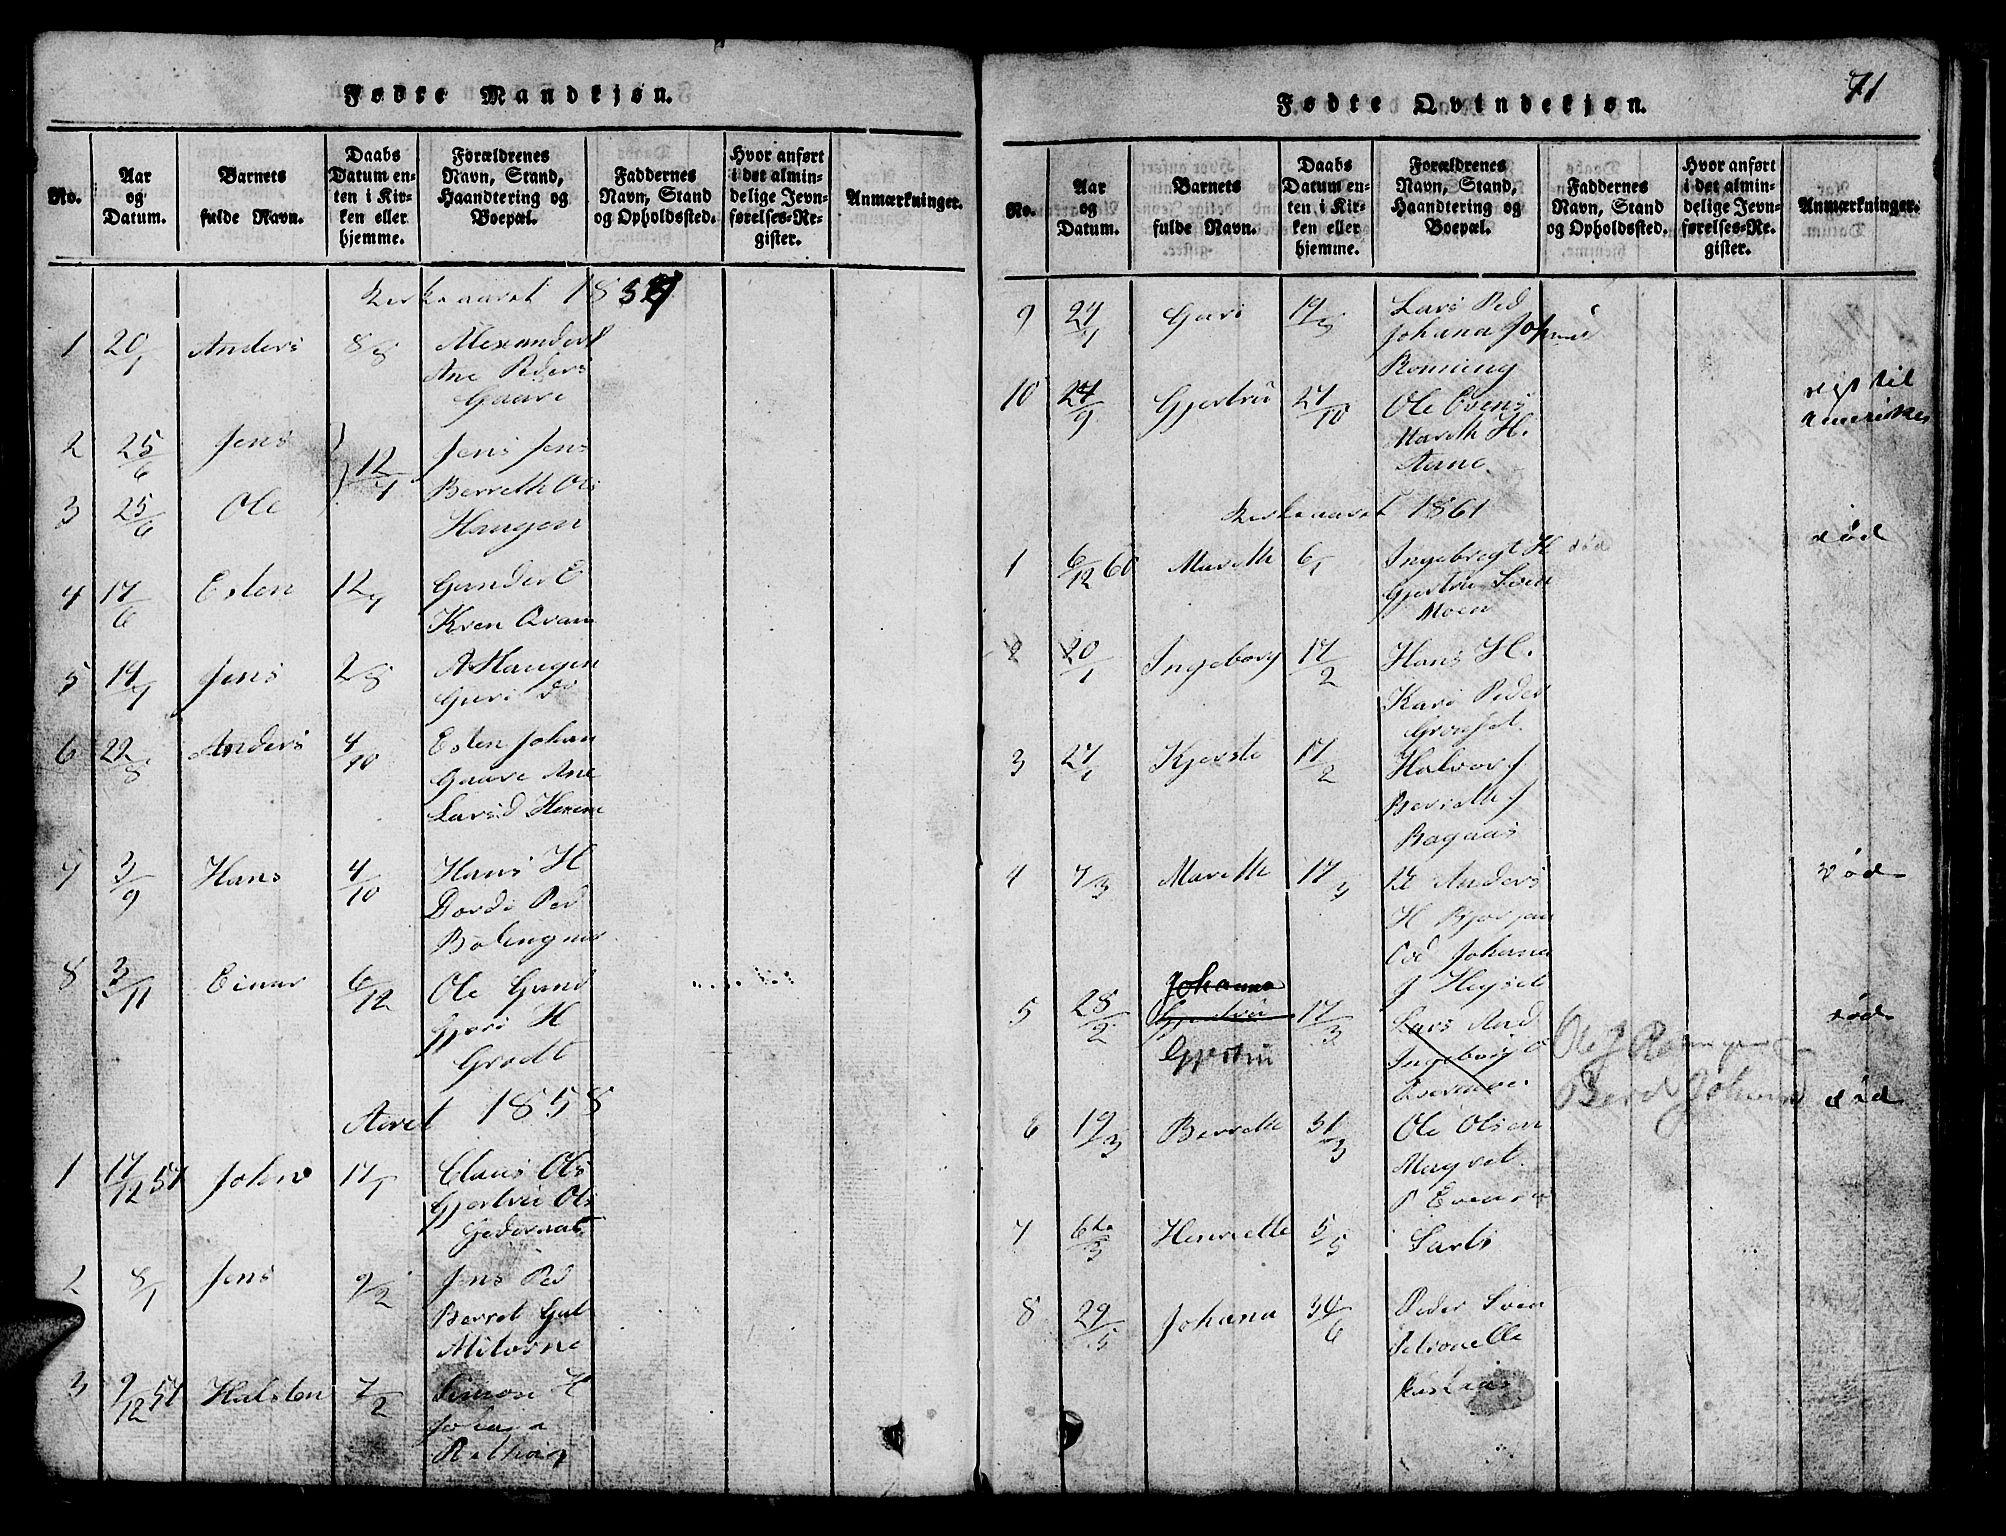 SAT, Ministerialprotokoller, klokkerbøker og fødselsregistre - Sør-Trøndelag, 685/L0976: Klokkerbok nr. 685C01, 1817-1878, s. 71